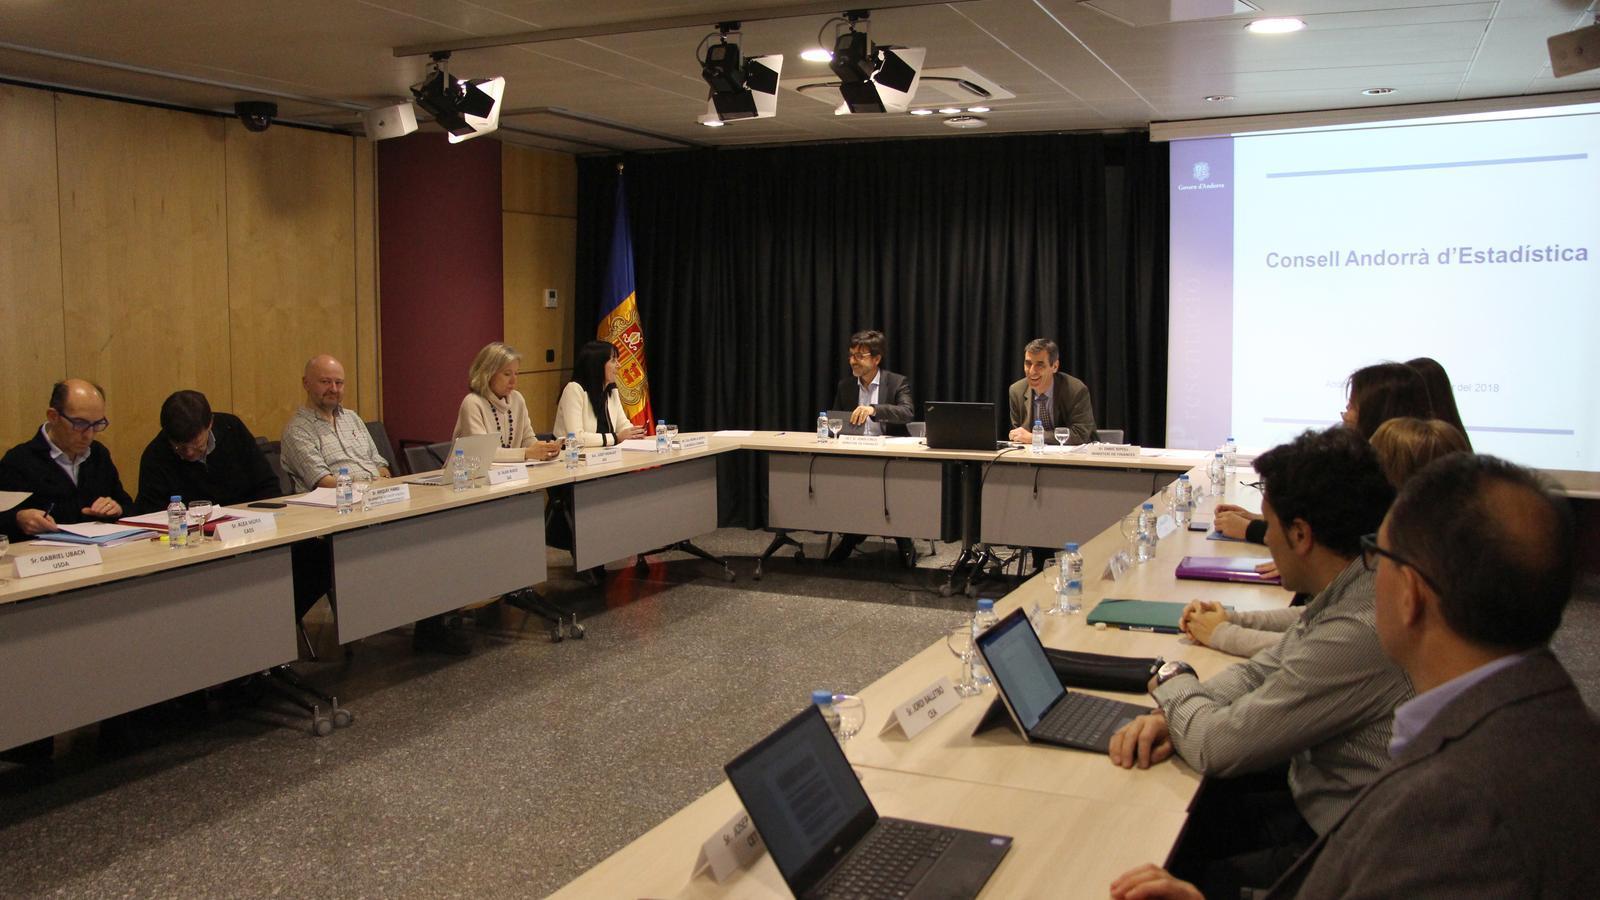 Primera reunió del Consell Andorrà d'Estadística. / M. T. (ANA)